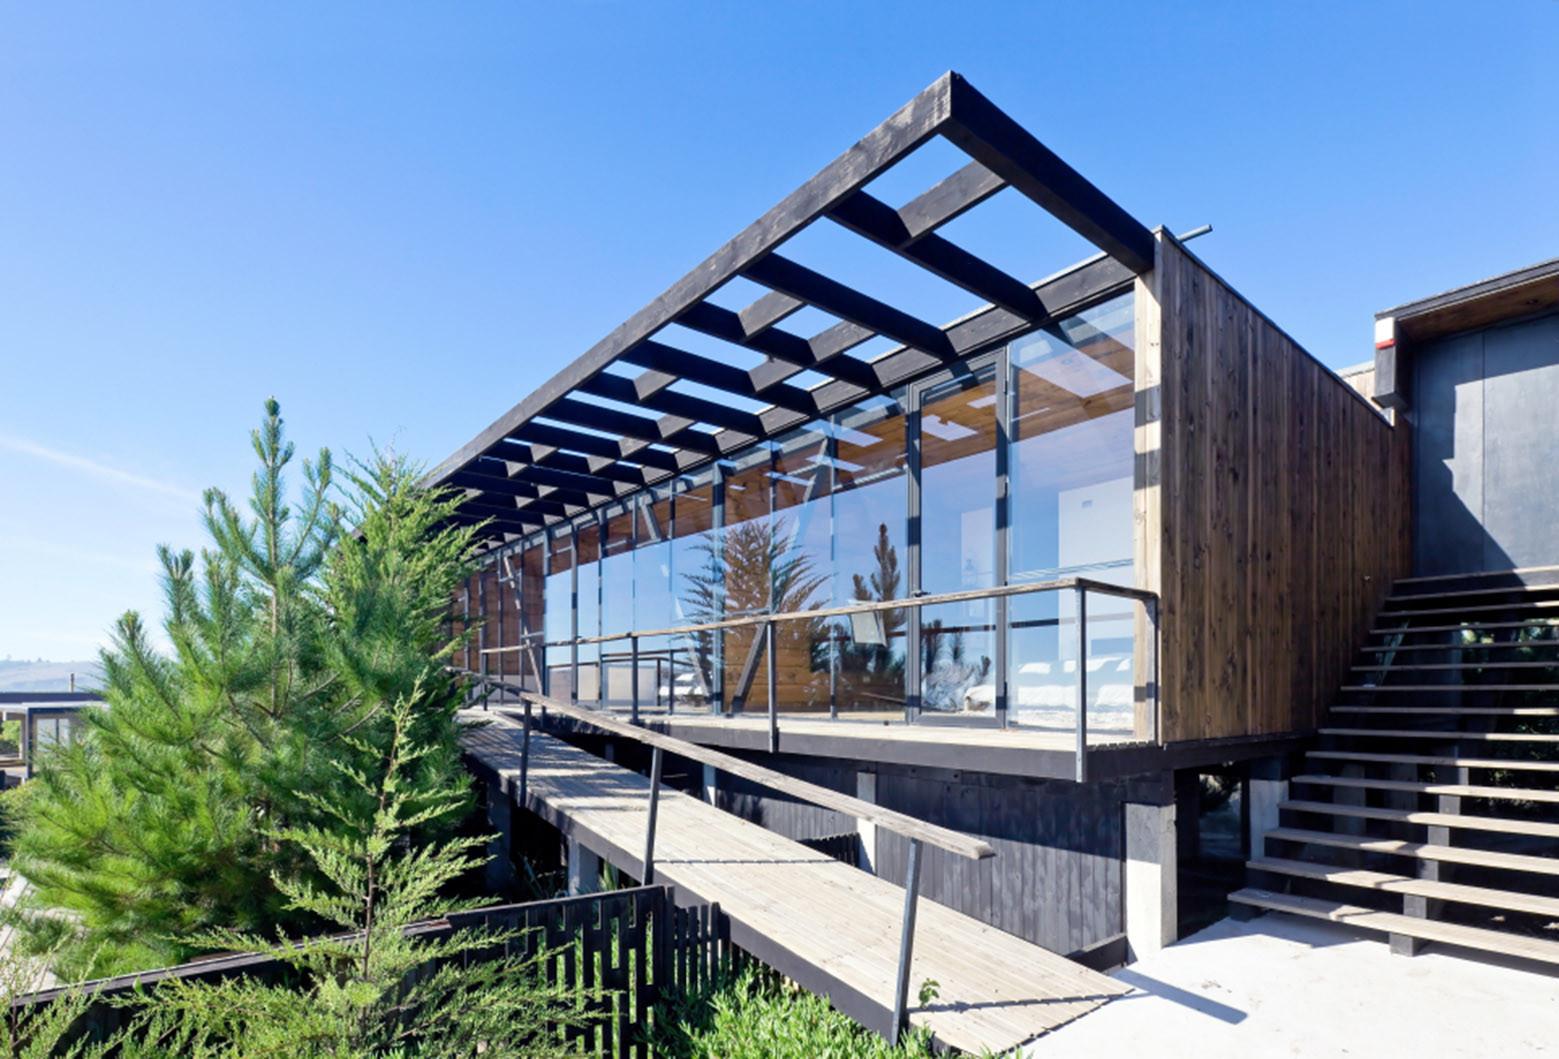 Casa swift wmr arquitectos archdaily brasil for Casa de arquitectos